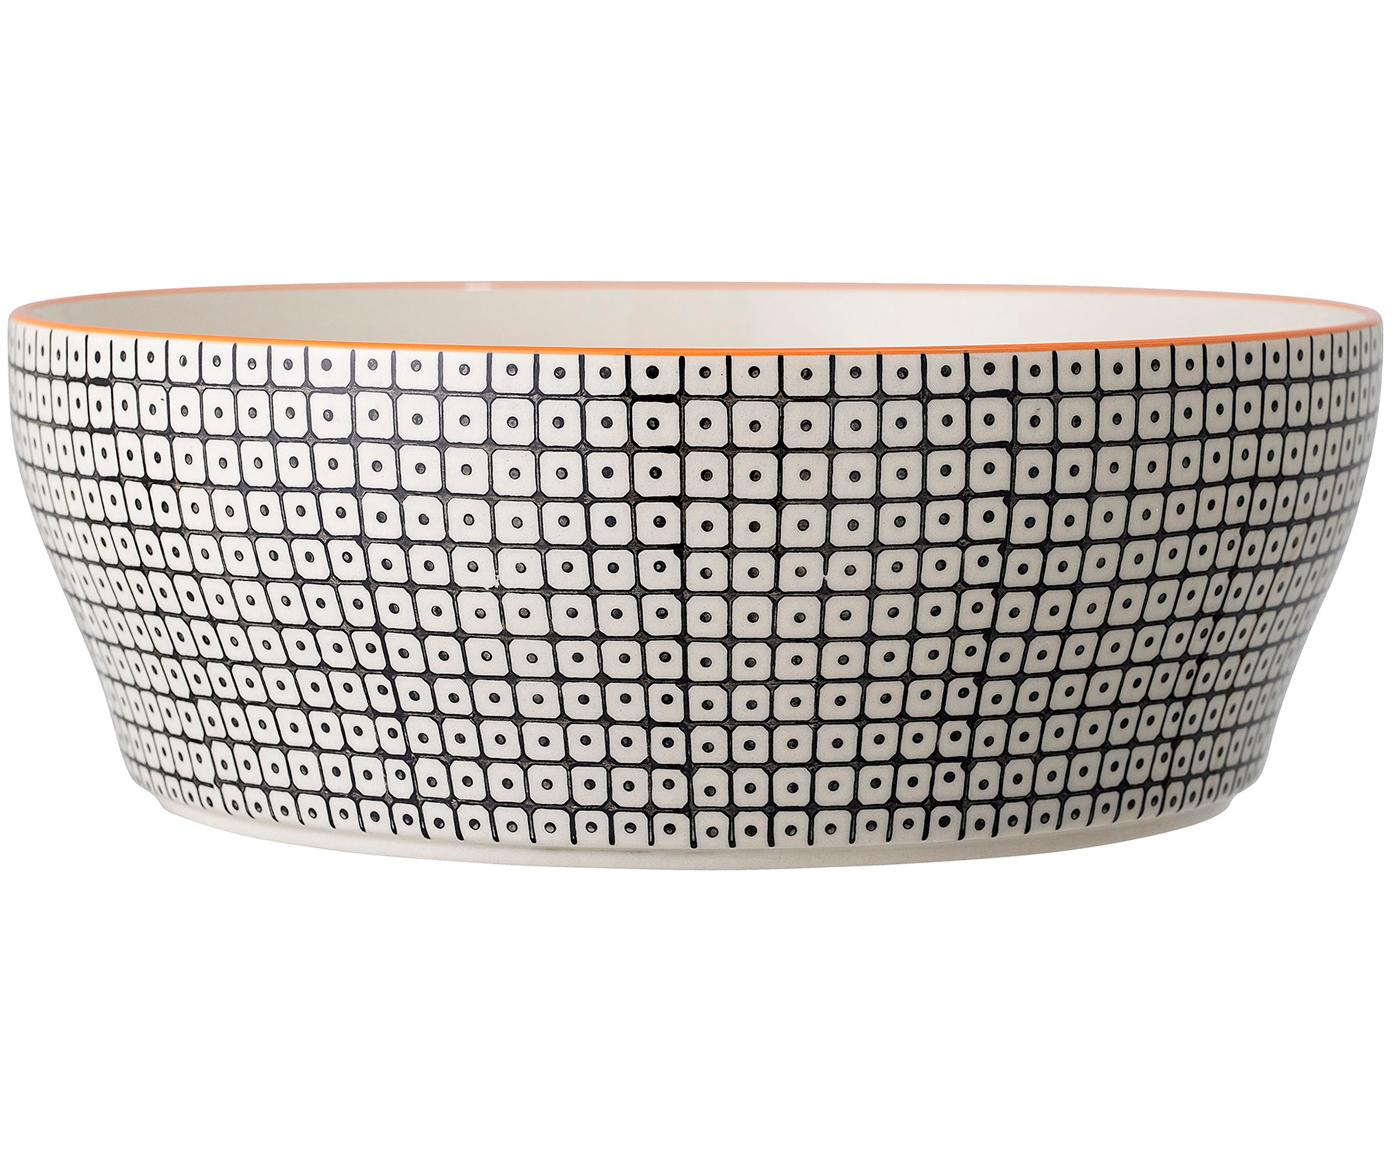 Servierschale Carla mit kleinem Muster Ø 29 cm, Steingut, Schwarz, Weiß, Orange, Ø 29 x H 10 cm